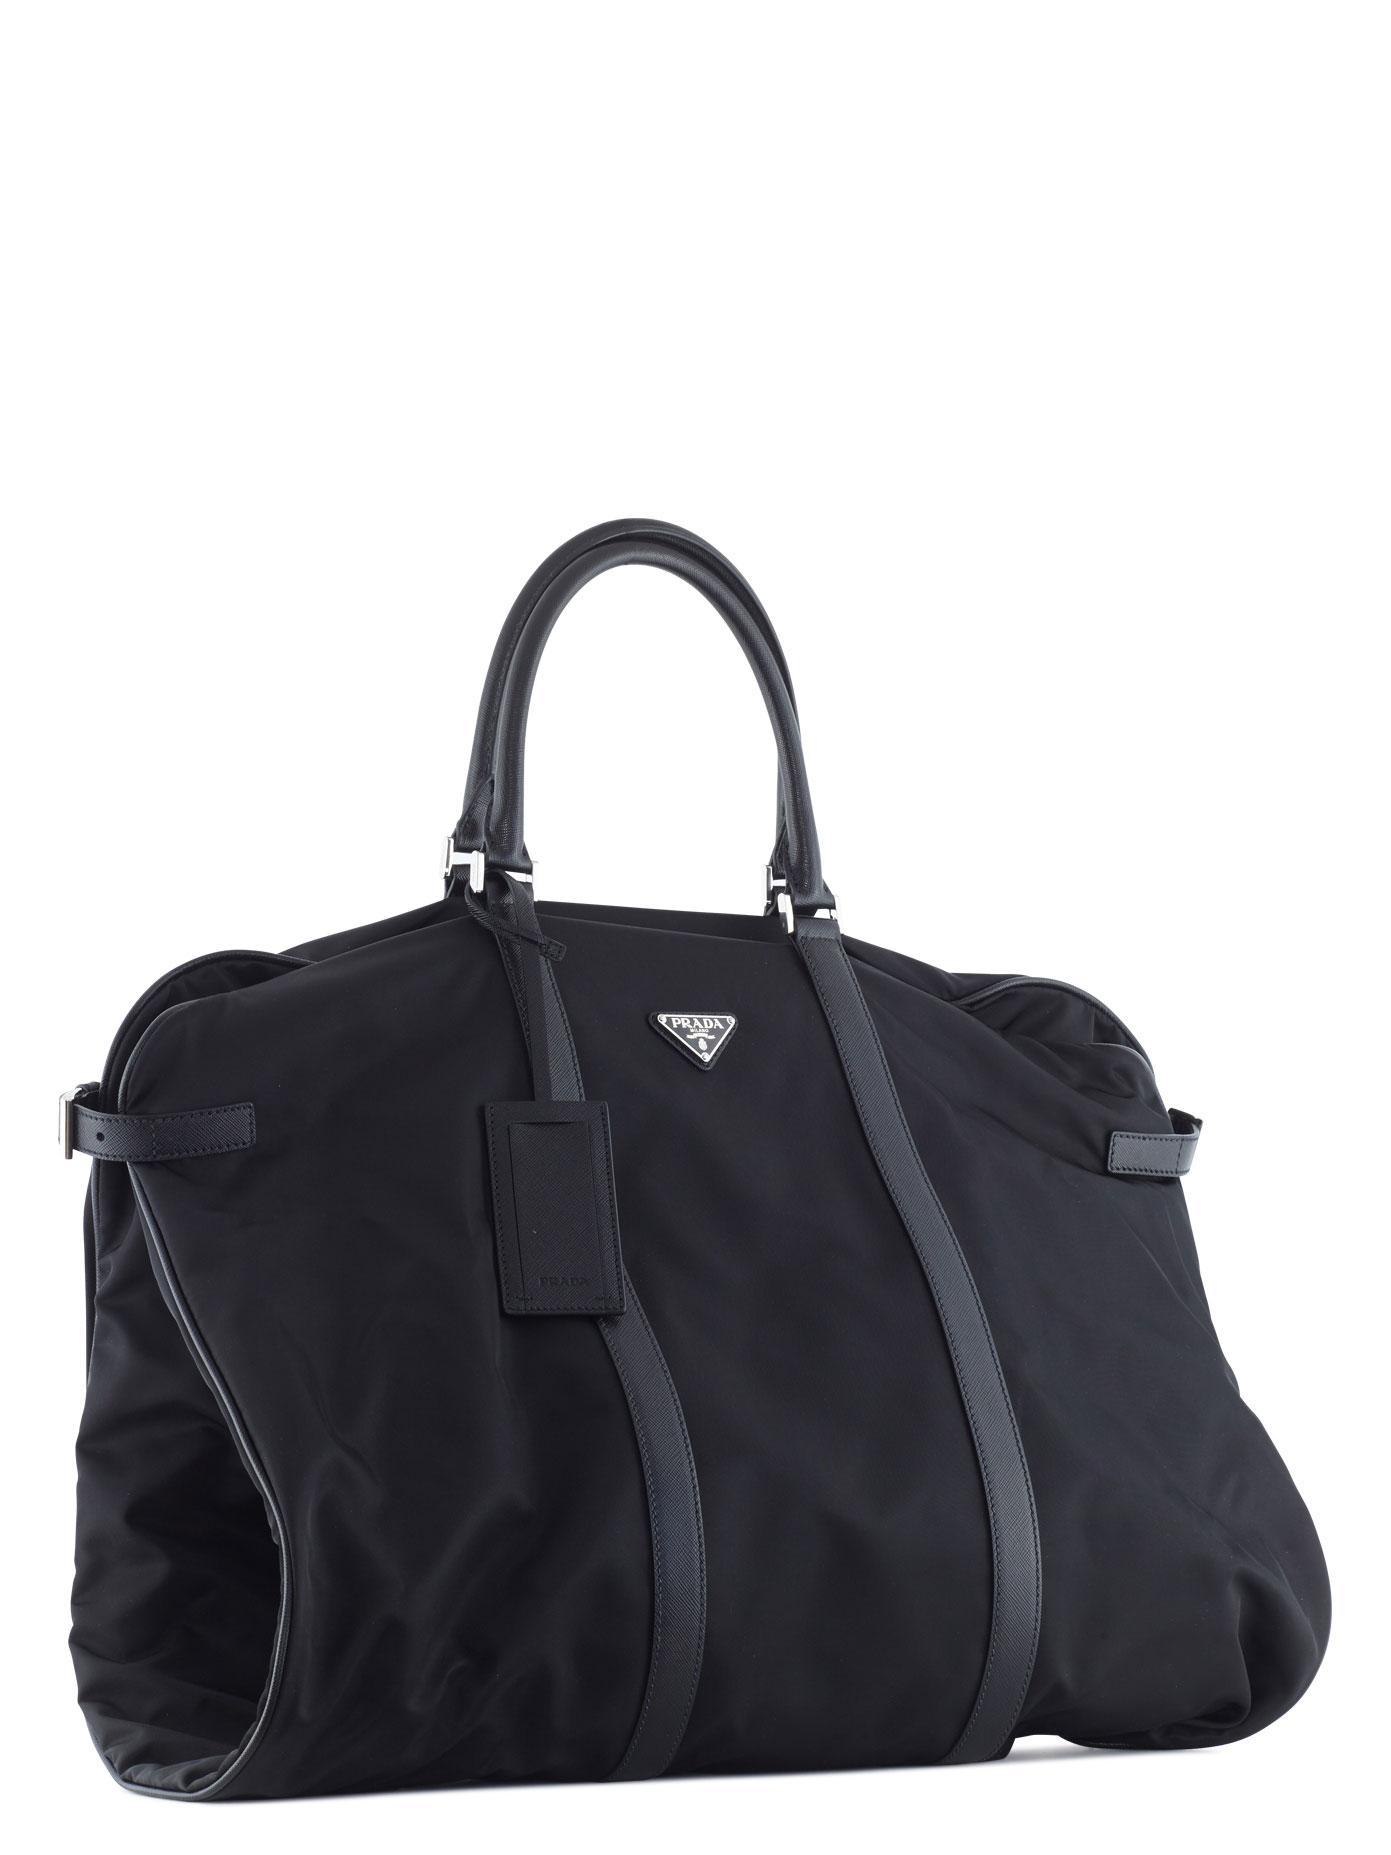 Prada Nylon And Leather Garment Bag In Black For Men Lyst